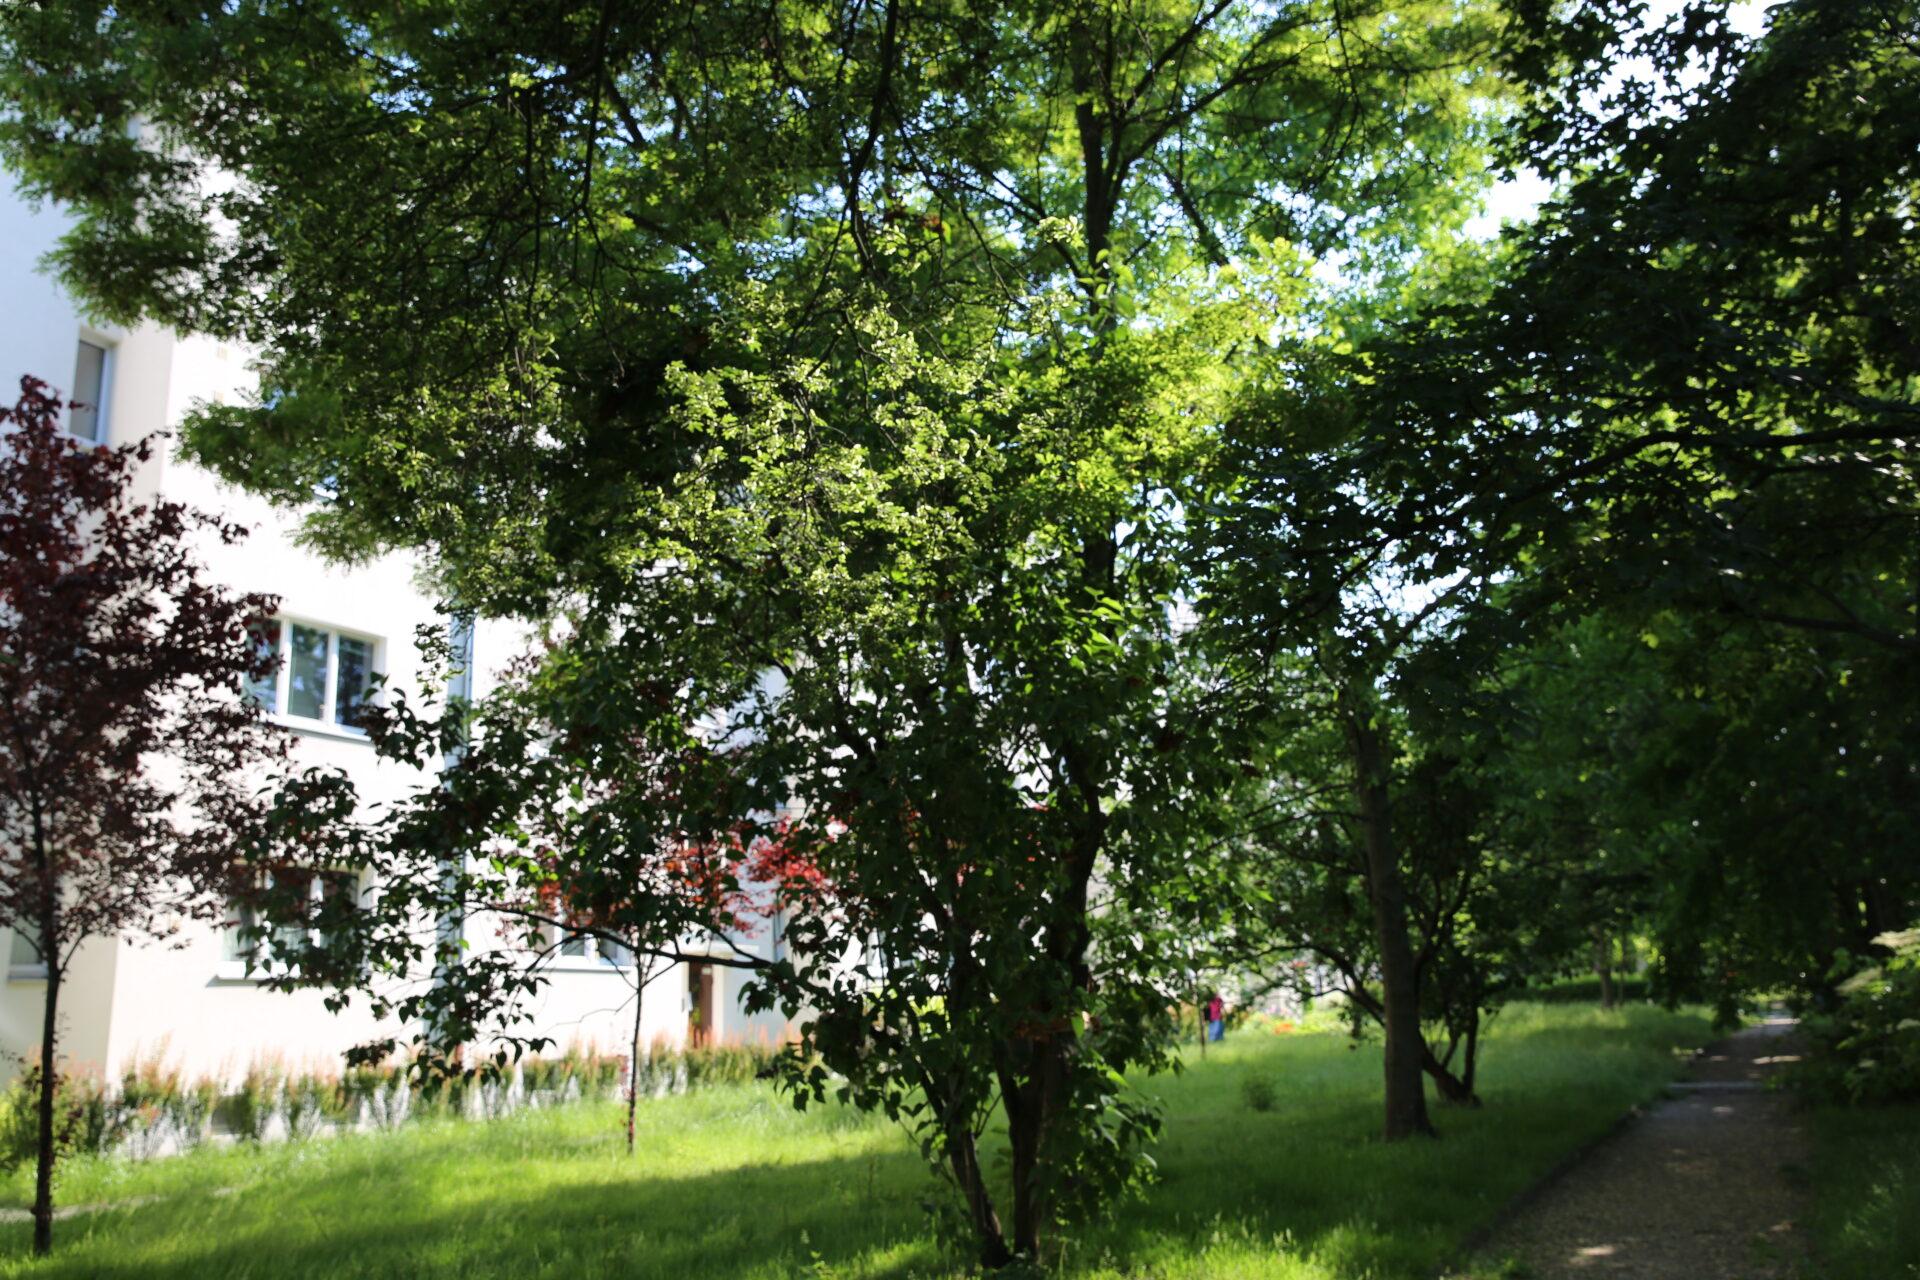 Zdjęcie kolorowe, współczesne. Podwórze nablokowisku. Napierwszym planie zielone drzewa, wtle fragment bloku mieszkalnego.